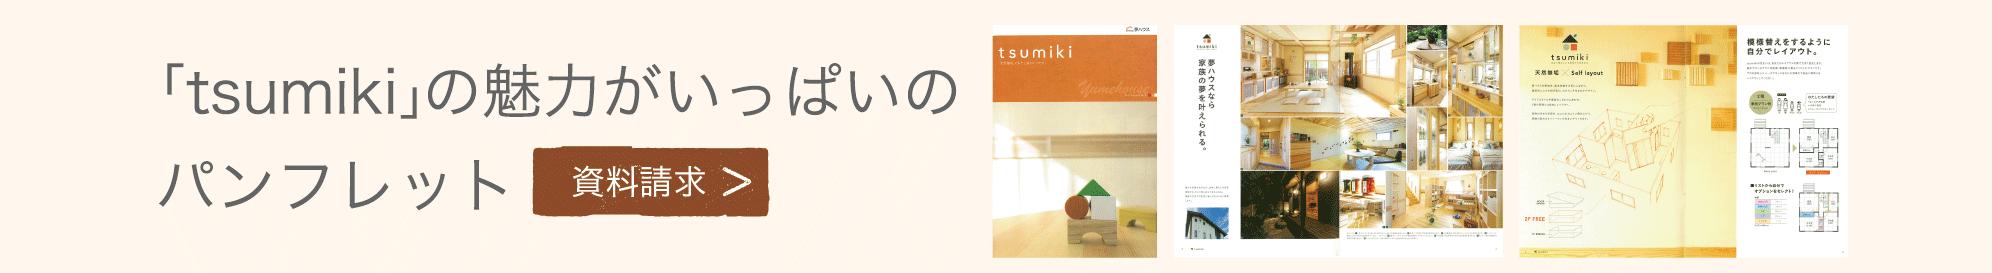 無垢材の家「モッカの家・tsumiki(つみき)」の魅力がいっぱいのパンフレットをプレゼント